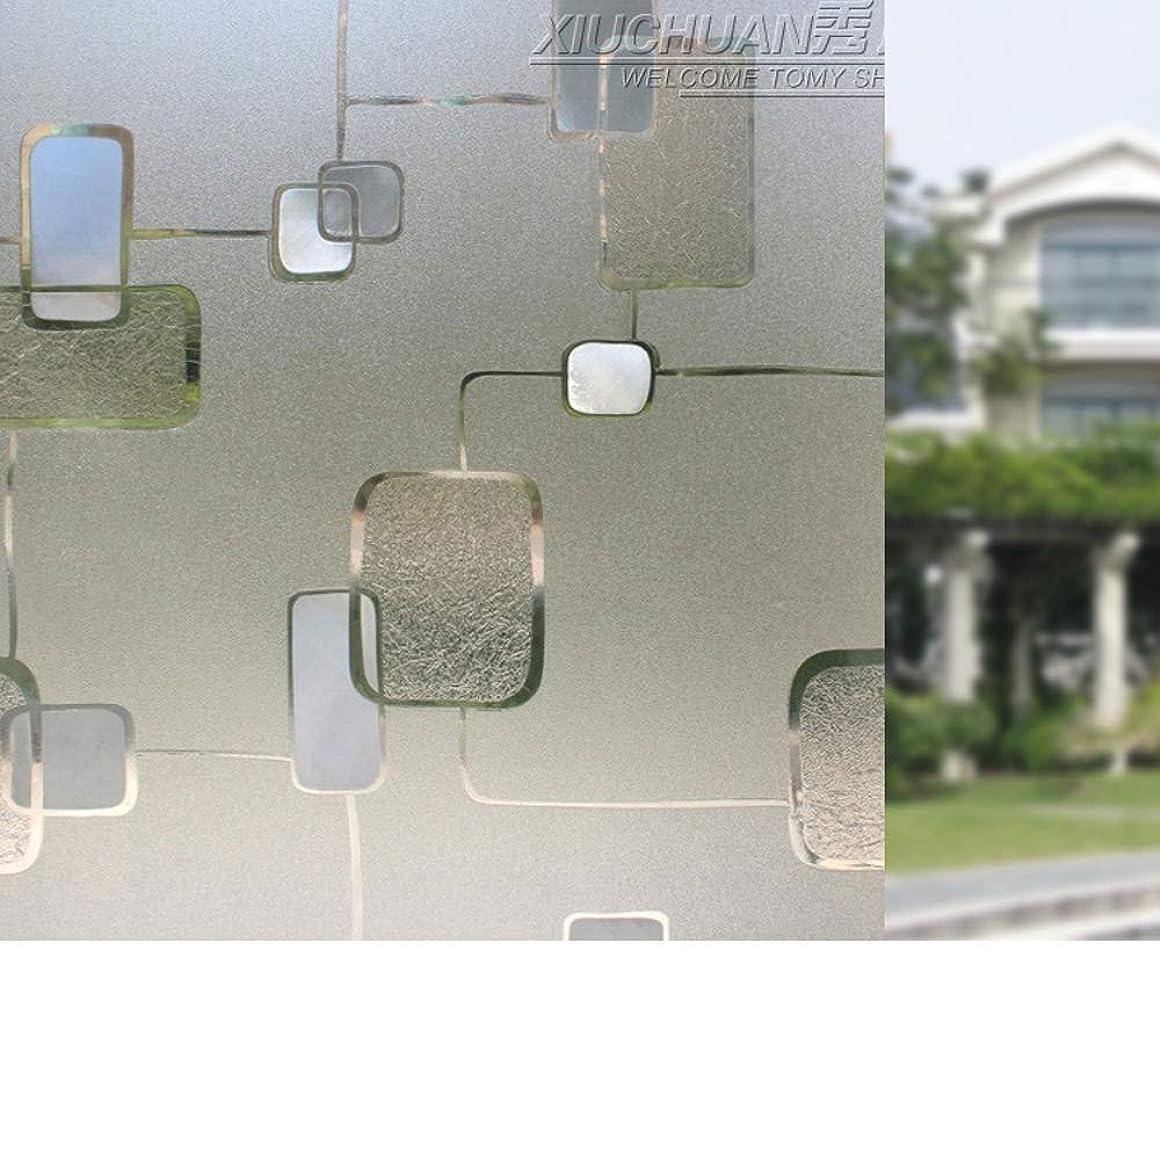 一族アーサーコナンドイル電気Yiwanda 窓ガラスフィルム ステンドグラス シール 目隠し 遮光 uv対策 ガラスフィルム 窓ガラス リメイクシート 飛散防止 傷防止 はがせる (90*300CM,24)